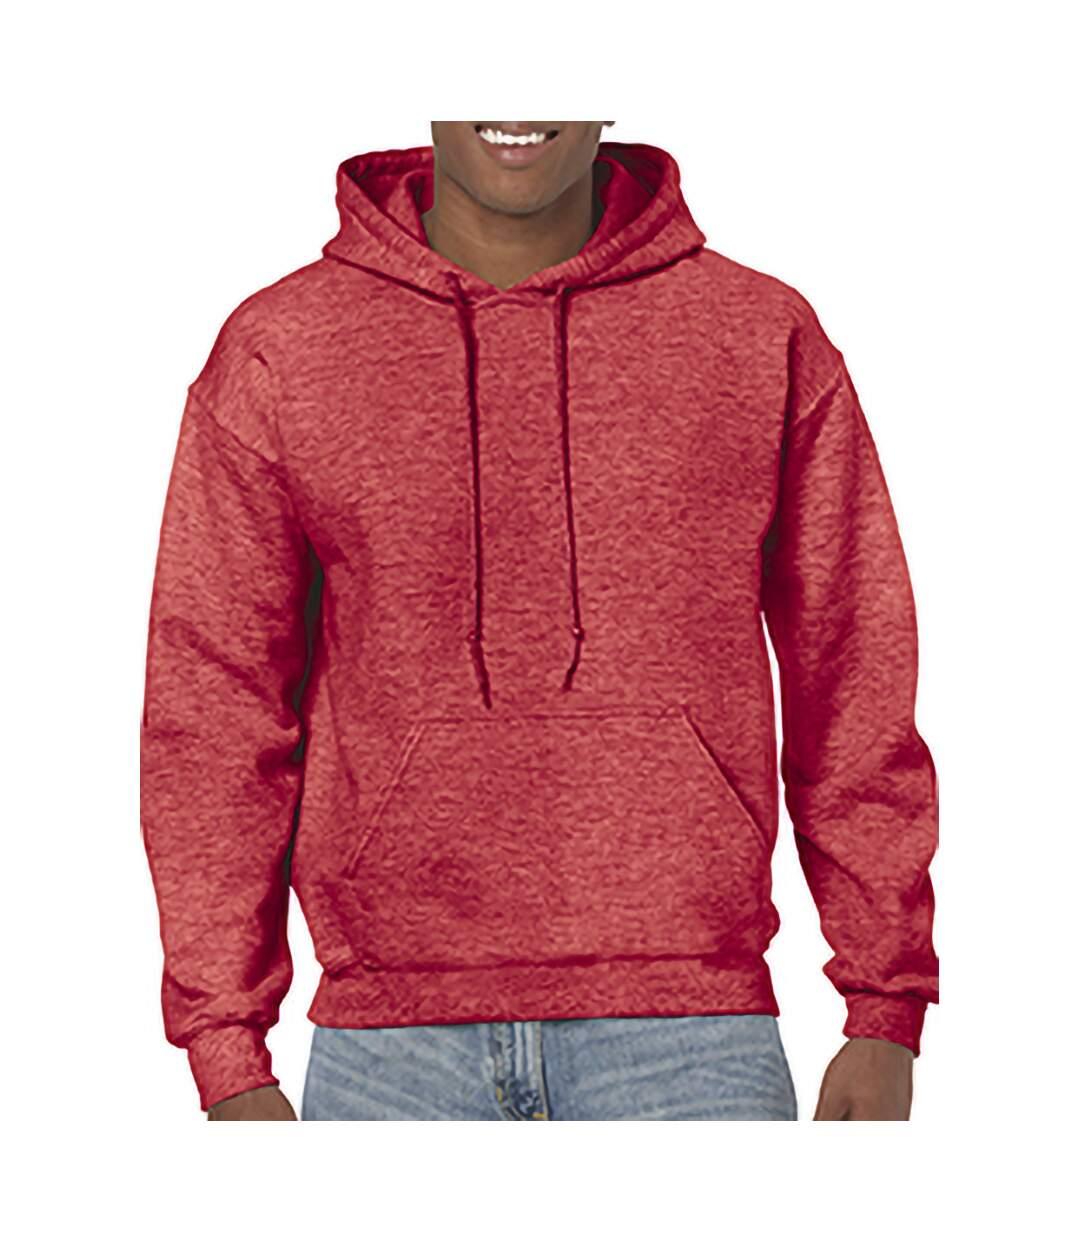 Gildan - Sweatshirt À Capuche - Unisexe (Rouge écarlate chiné) - UTBC468